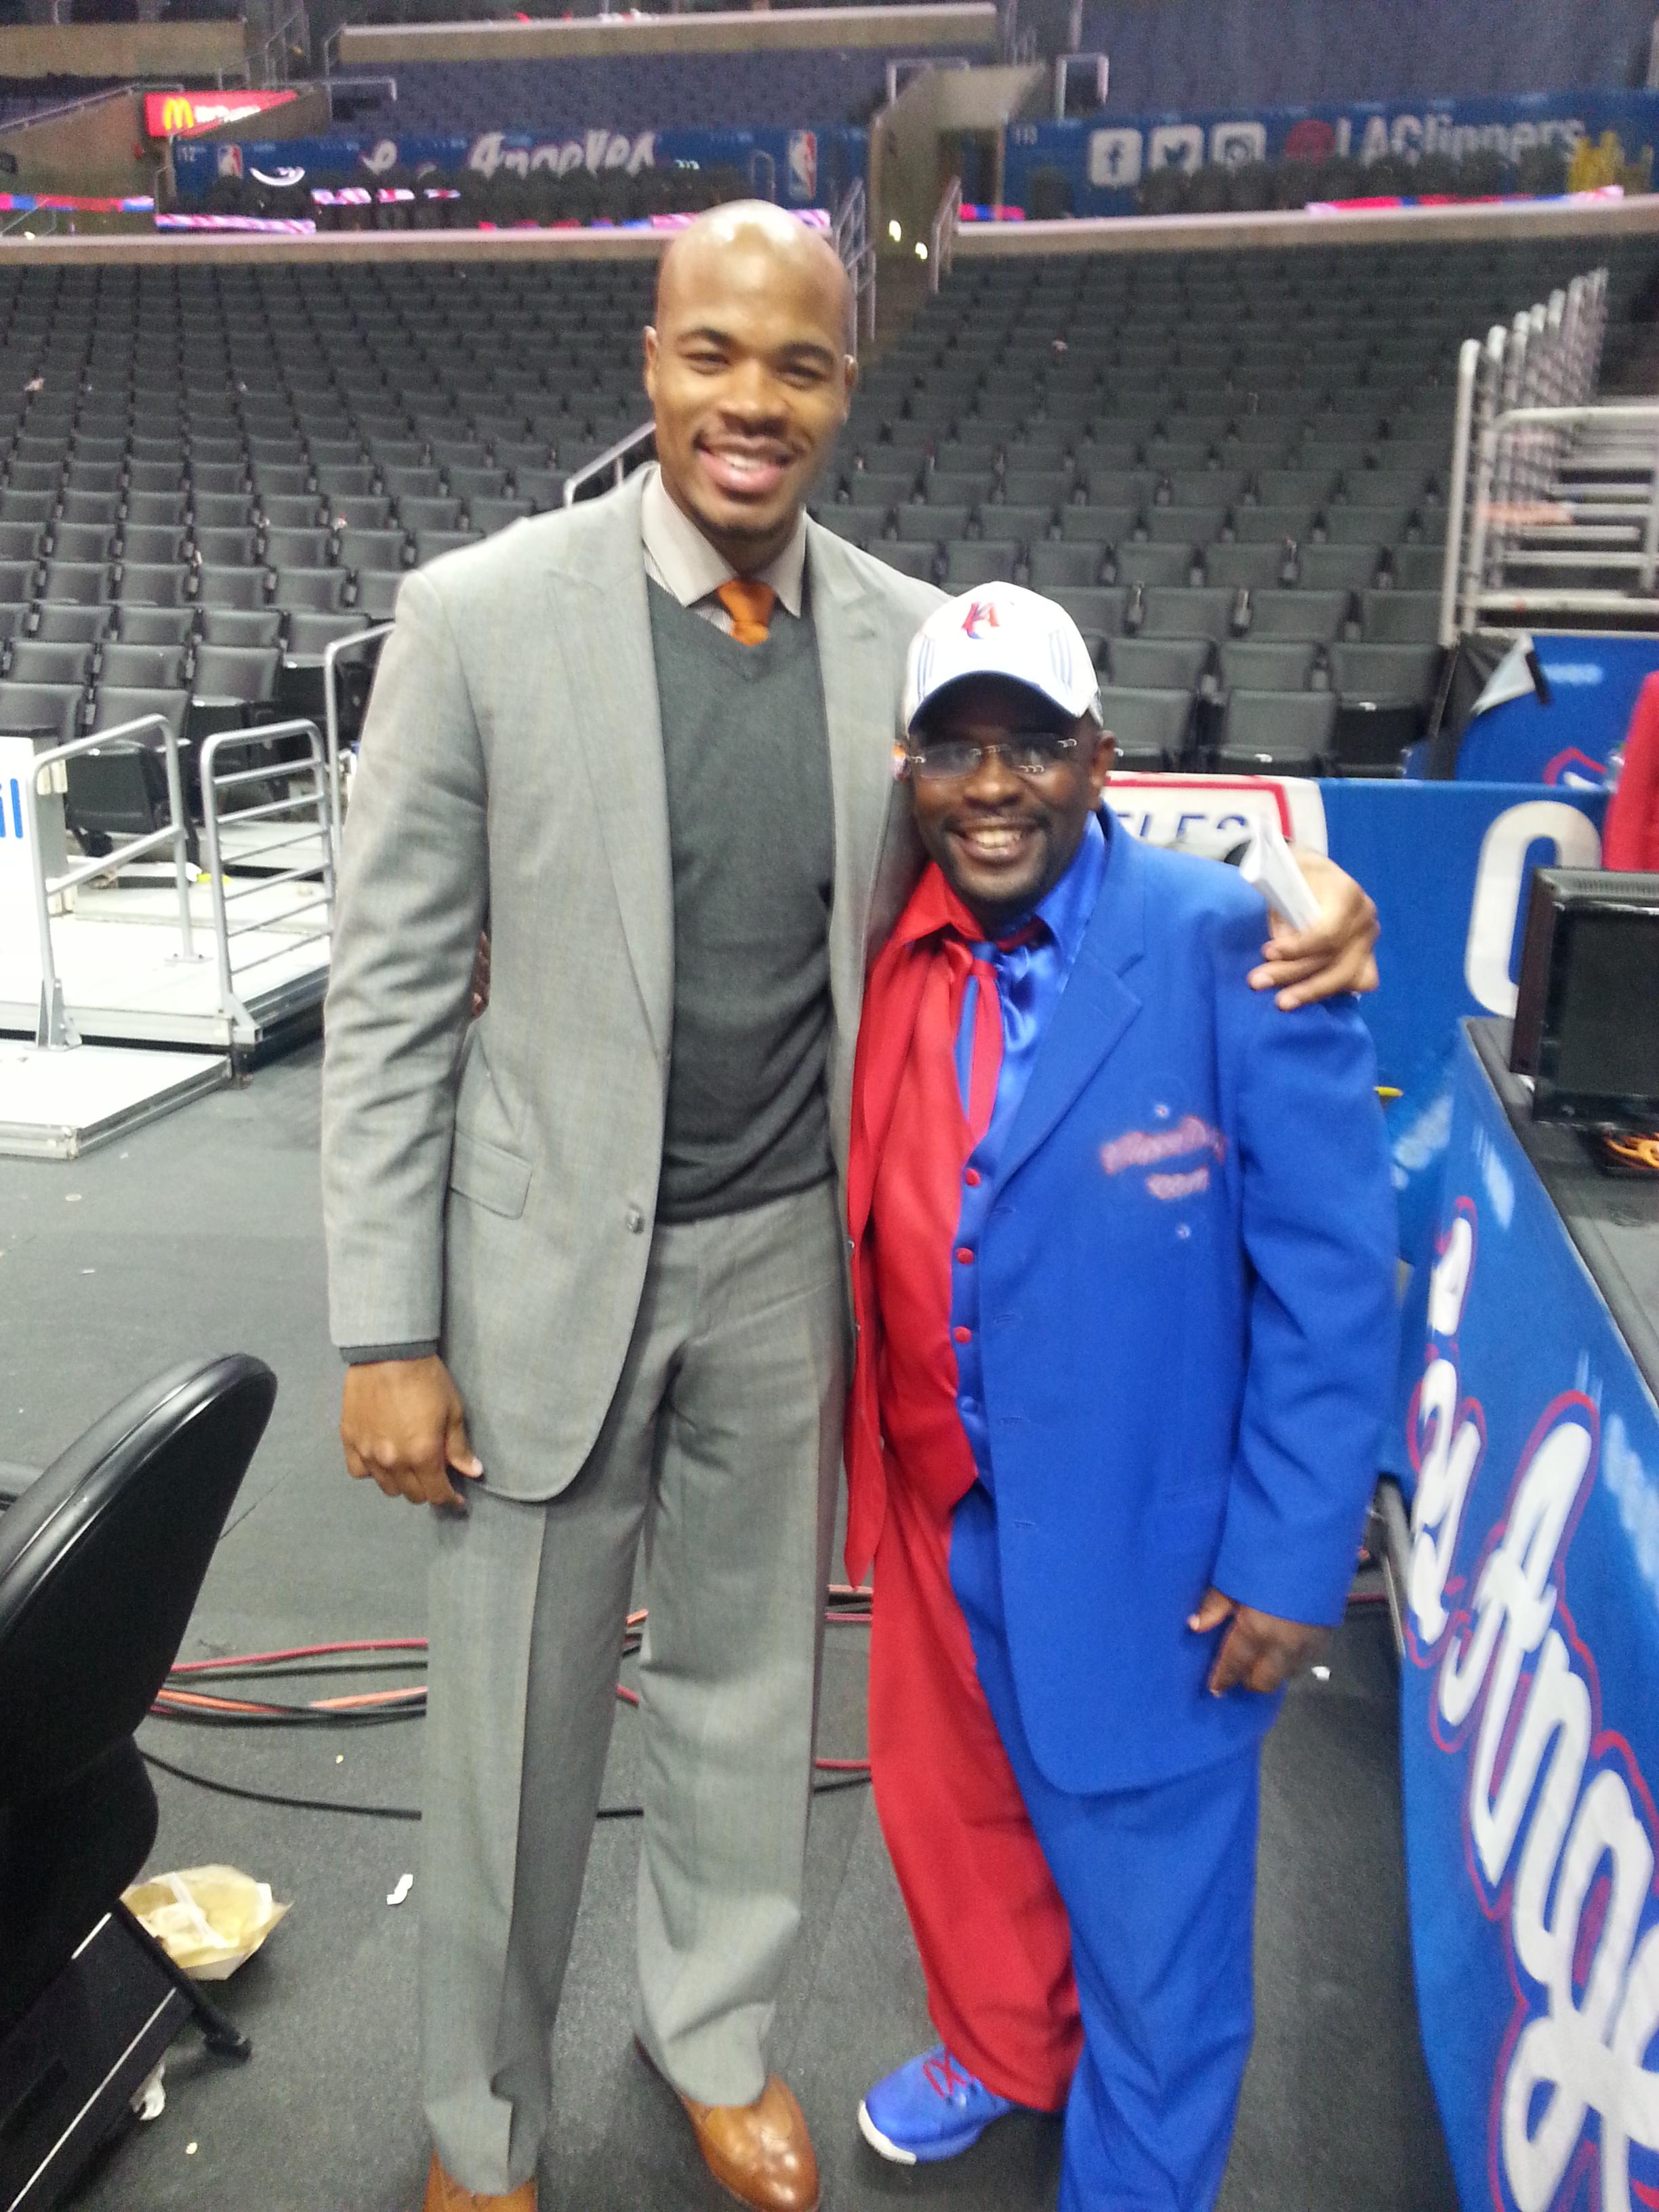 Congratulations 2 L A Clippers Legend Corey Mag te